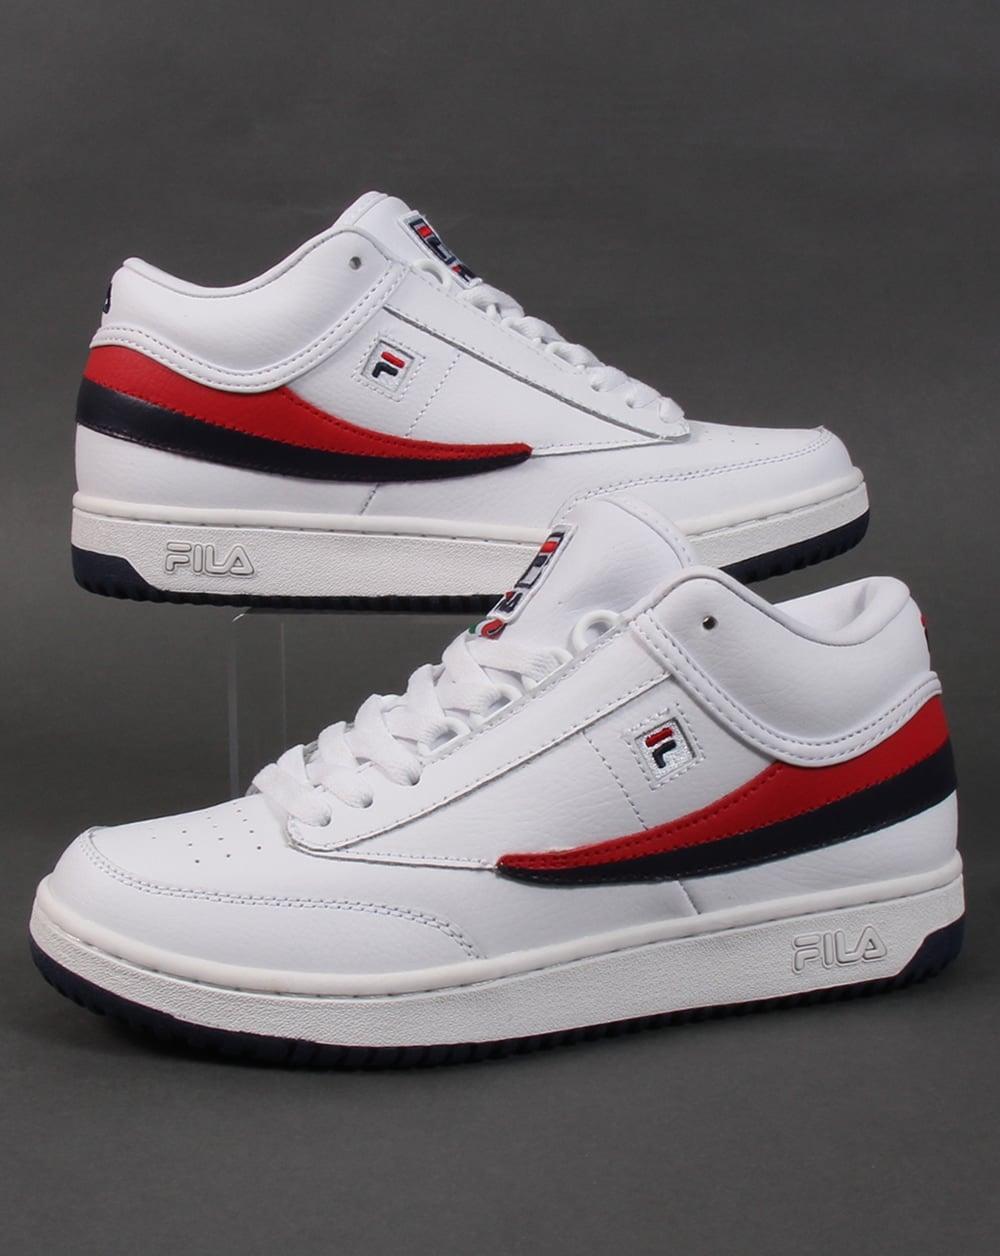 Fila Vintage Tennis Shoes